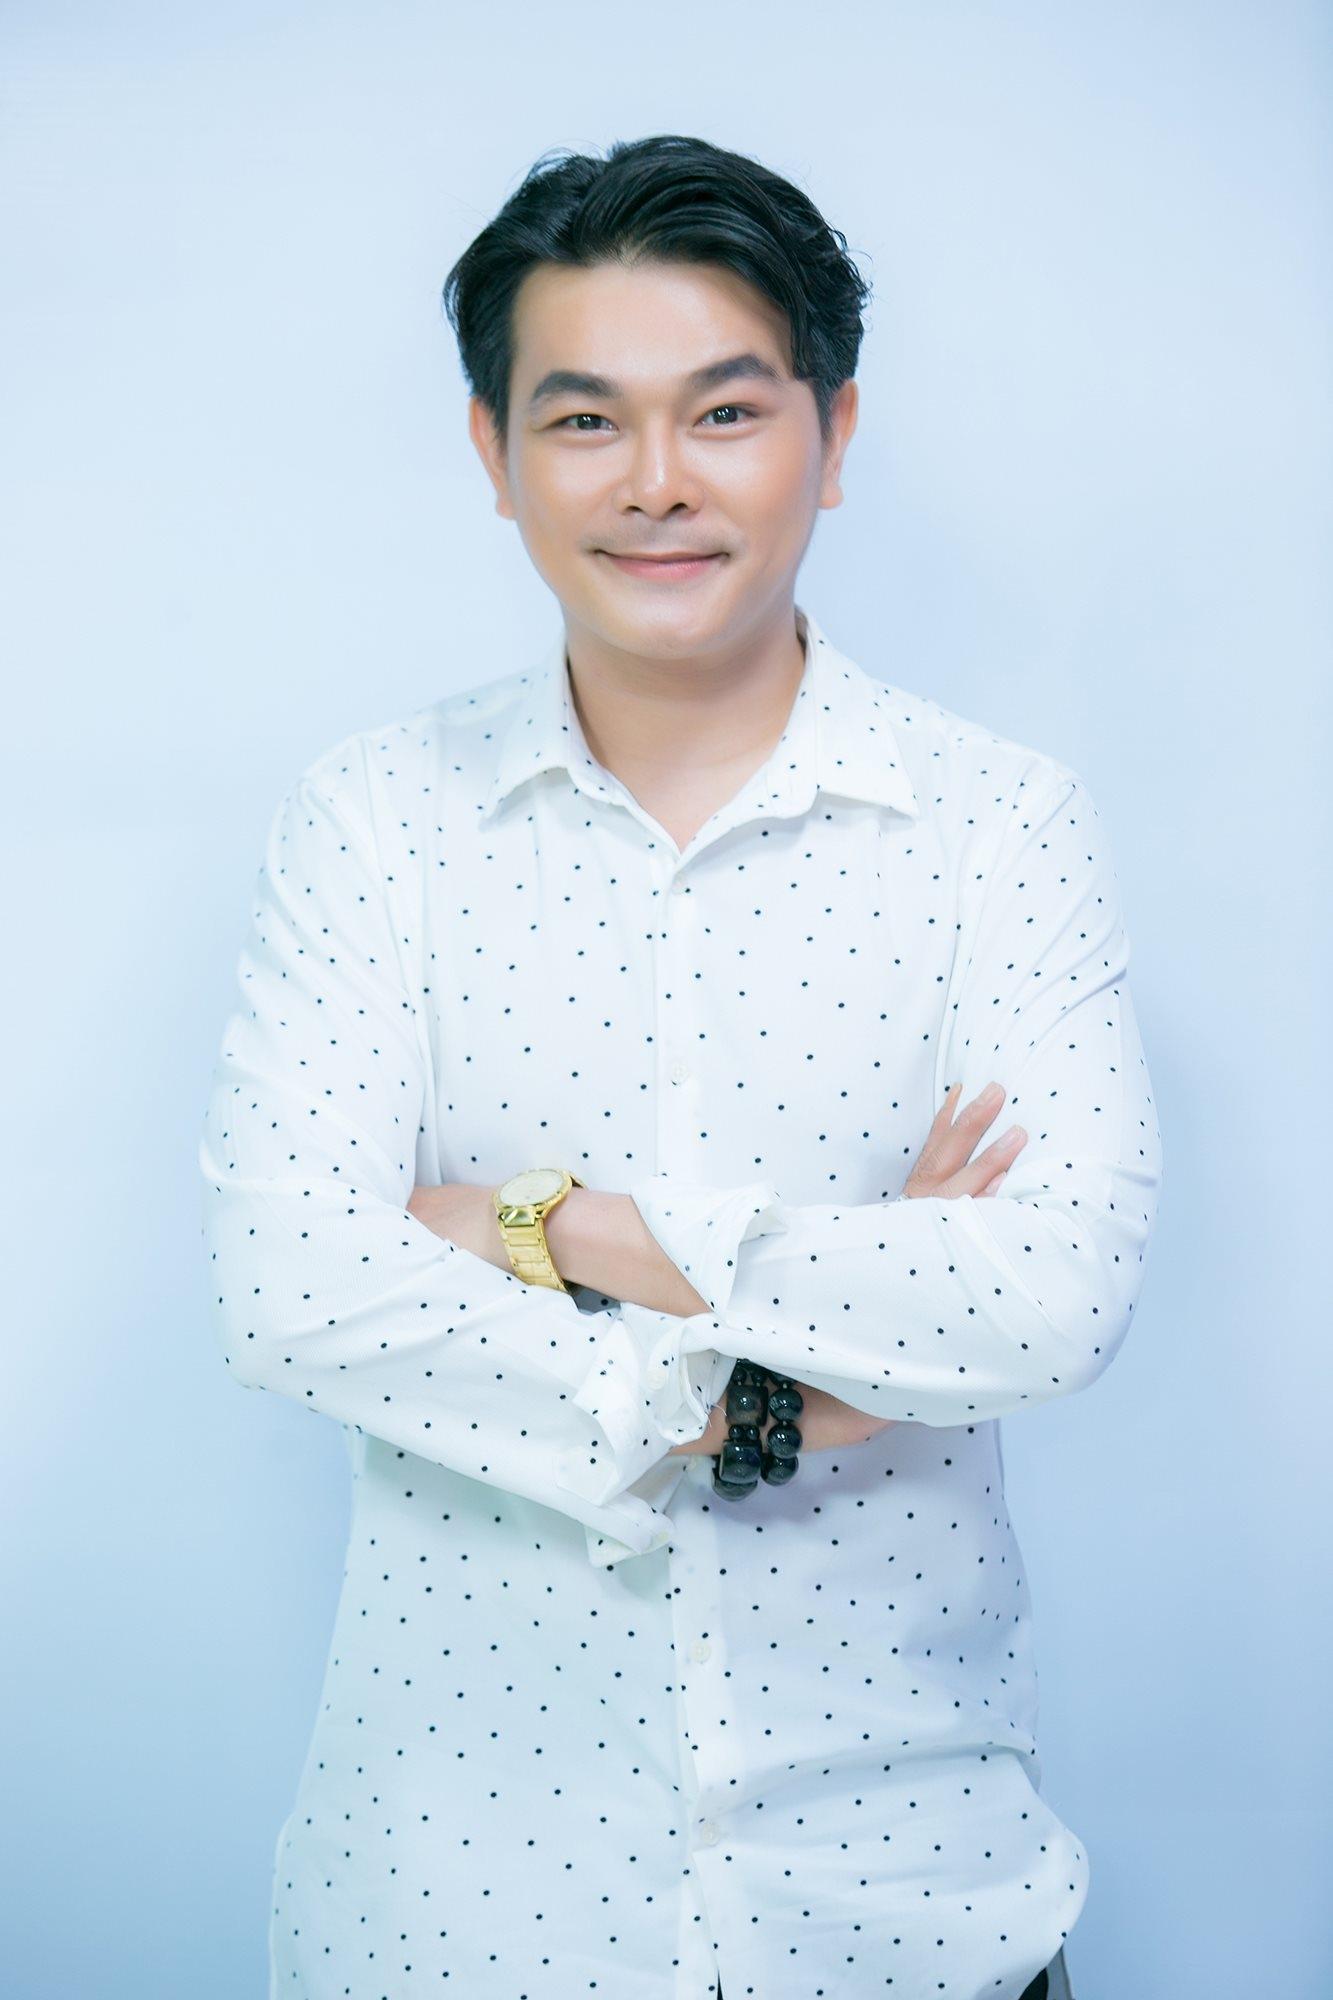 than dong cai luong linh ty chi mo uoc co mot bua com doan tu ben bo me